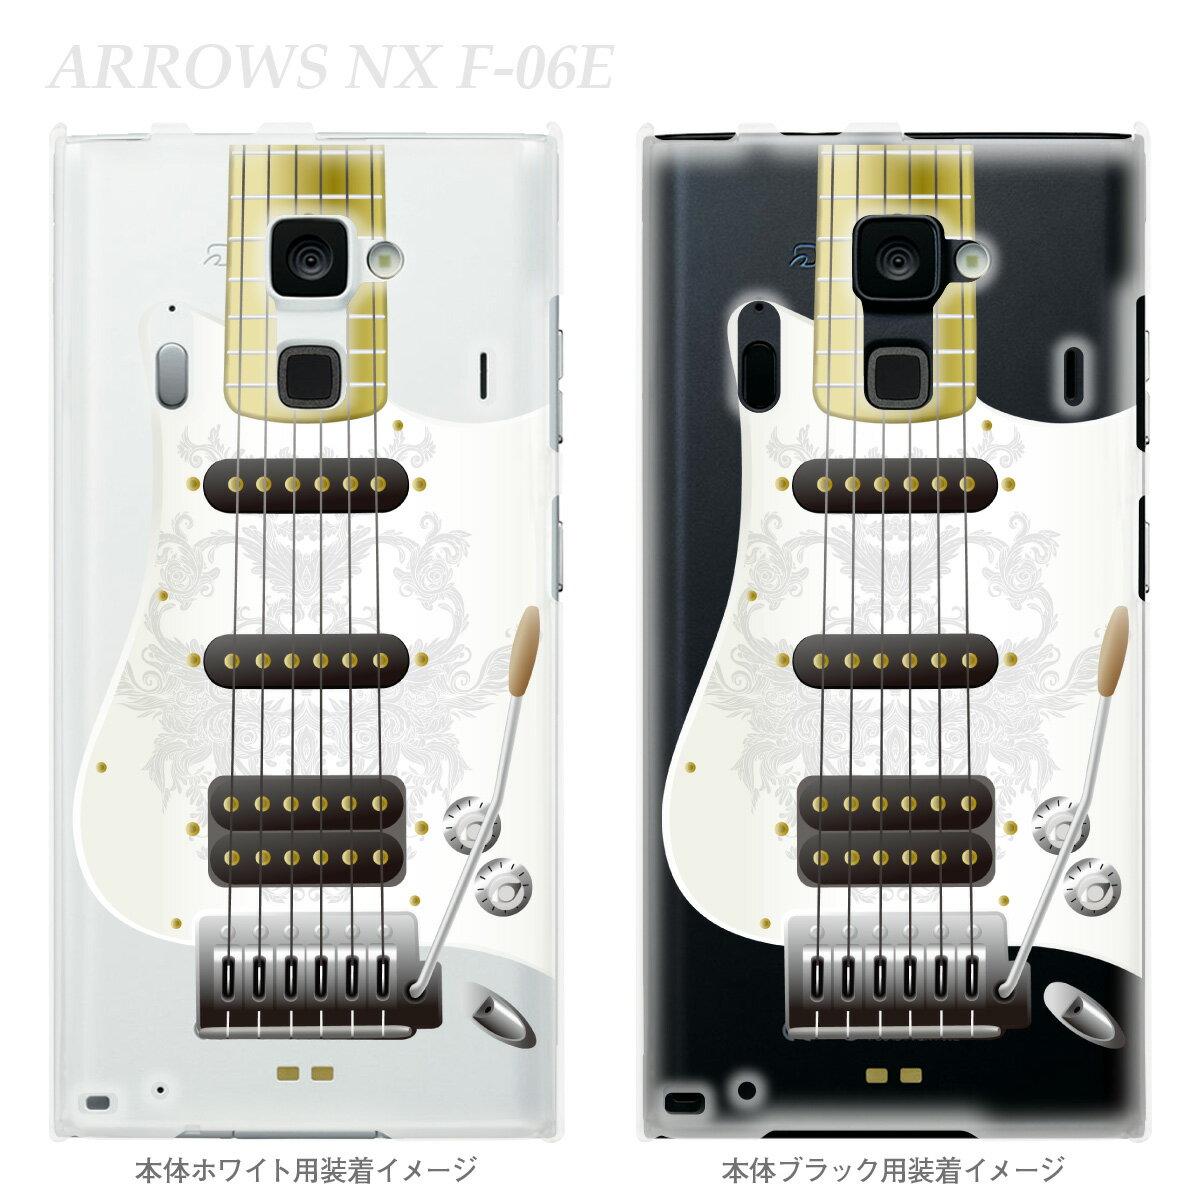 スマートフォン・携帯電話アクセサリー, ケース・カバー ARROWS NX F-06E 06-f06e-mu0001